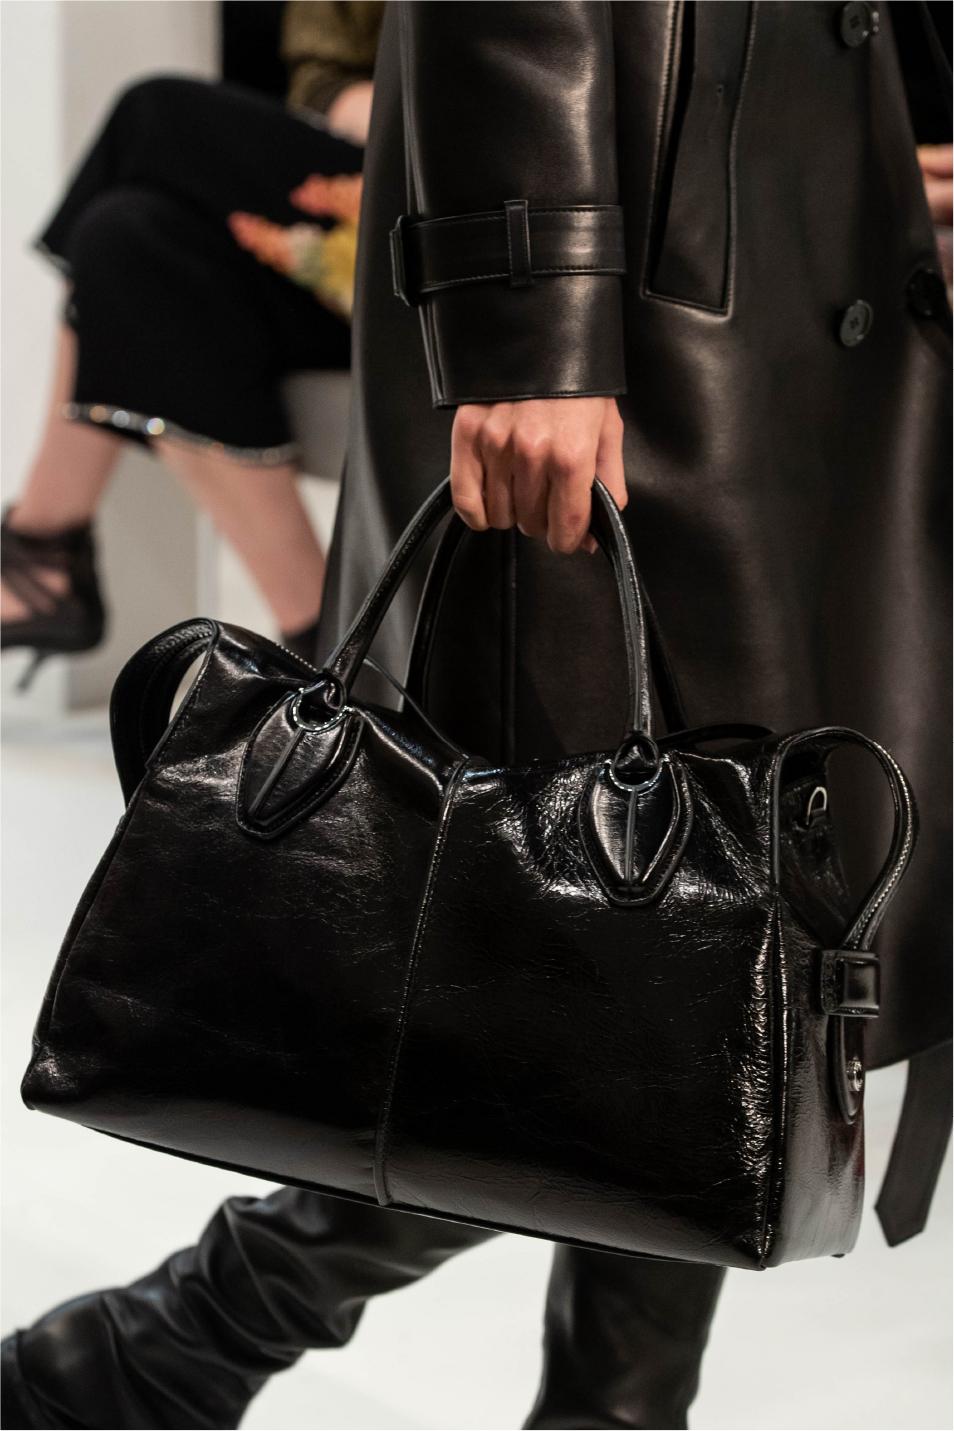 Las correas, bolsos de mano y de cuerpo cruzado destilan sofisticación espontánea. (Suministrada)